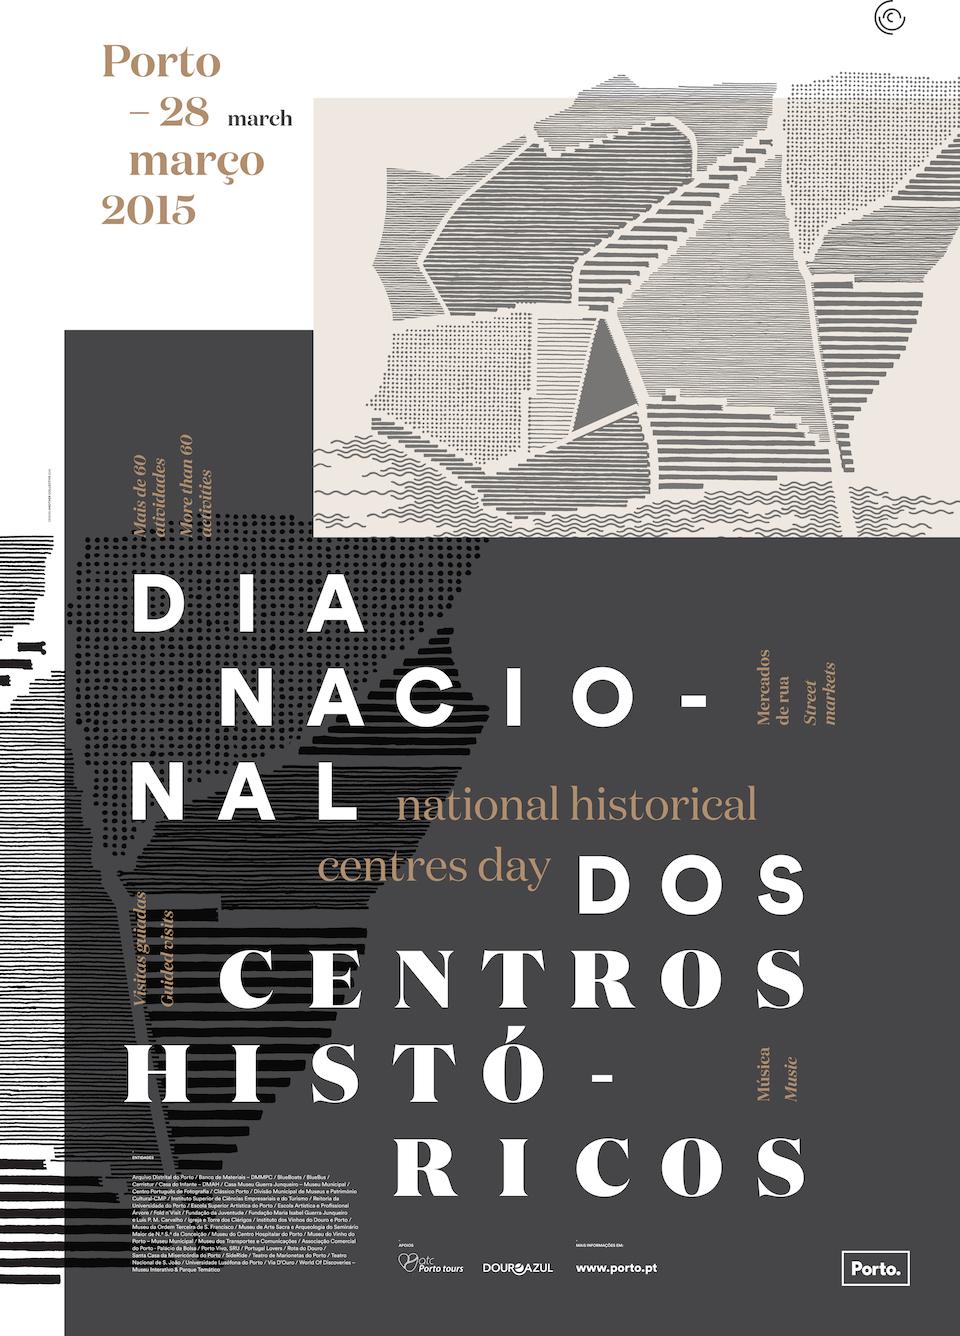 dia nacional centros historicos